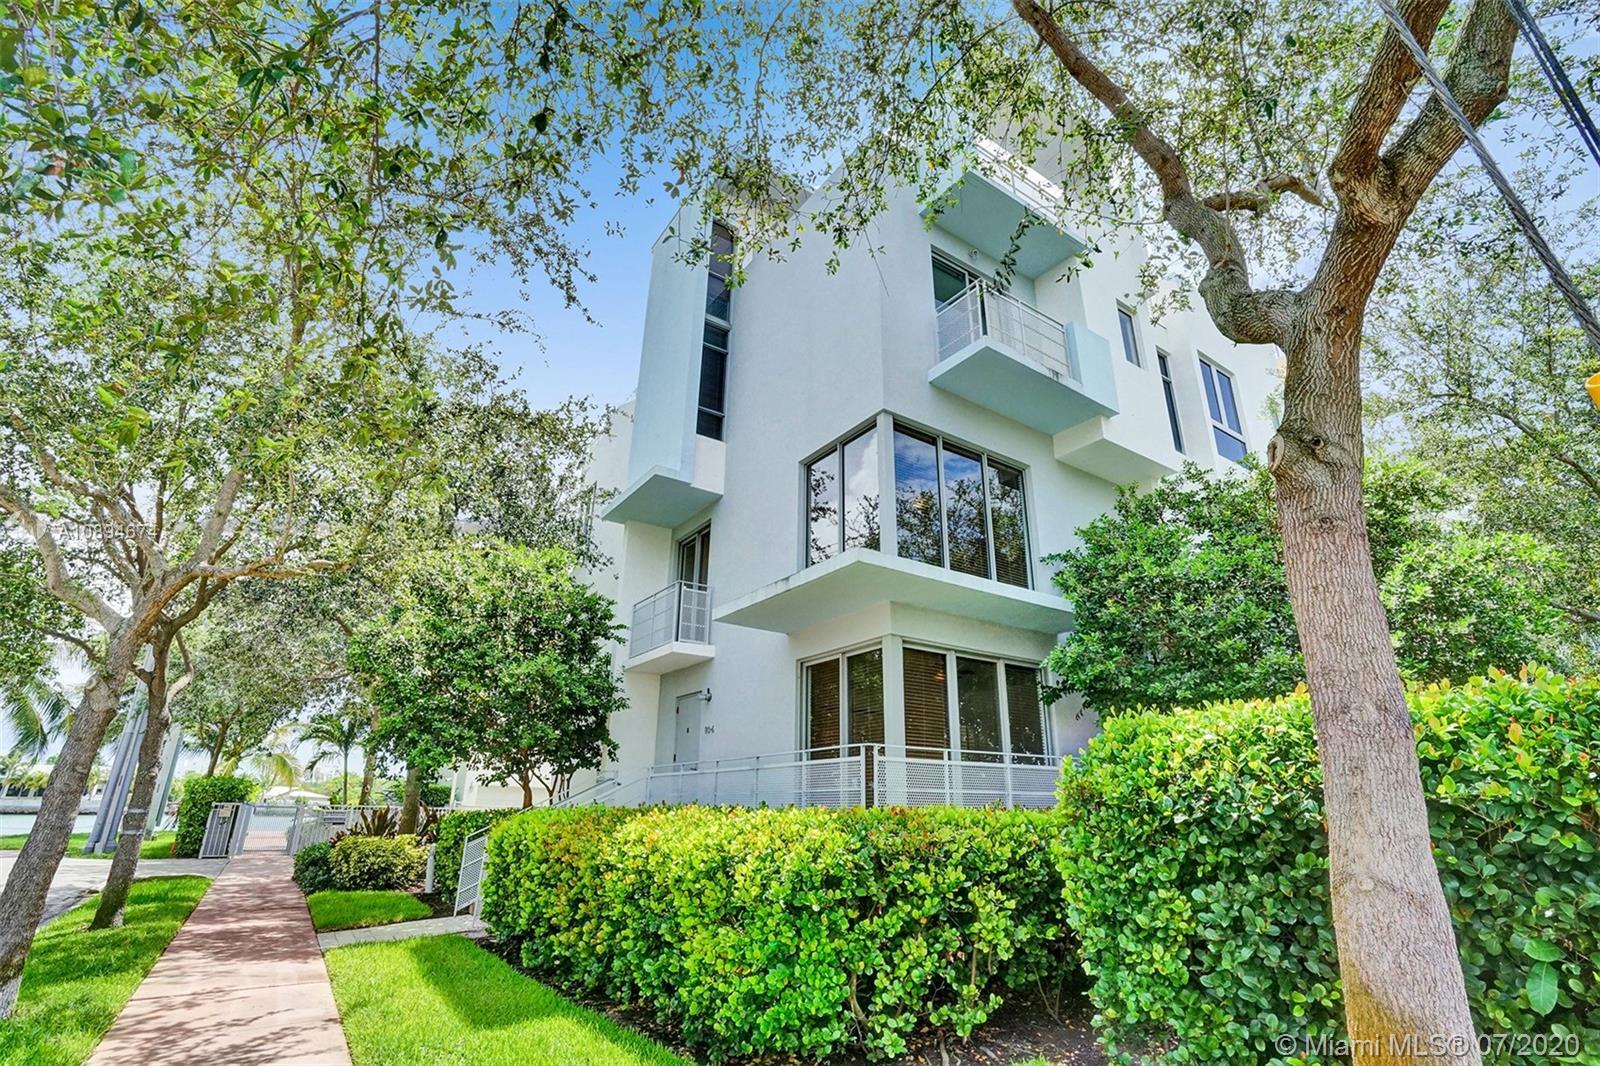 193 N Shore Dr #193-6 For Sale A10894674, FL